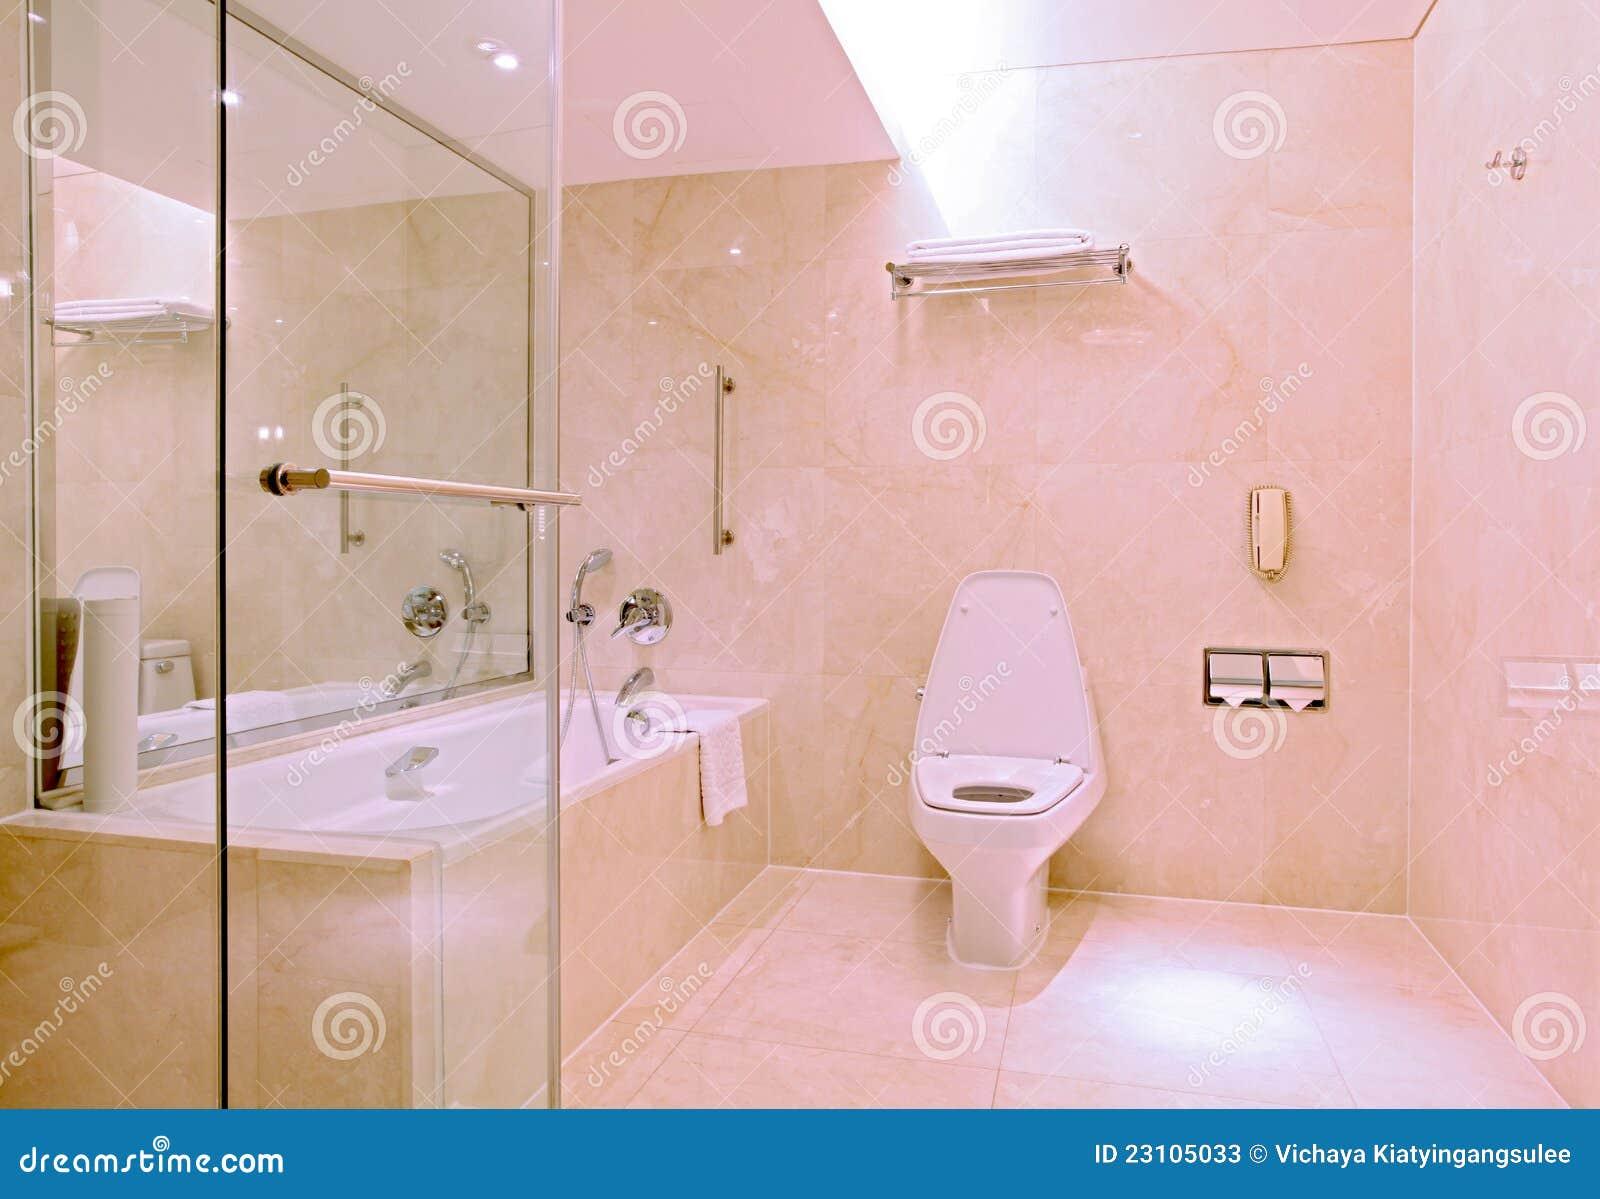 Salle de bains de luxe moderne photos stock image 23105033 - Salle de bains de luxe ...